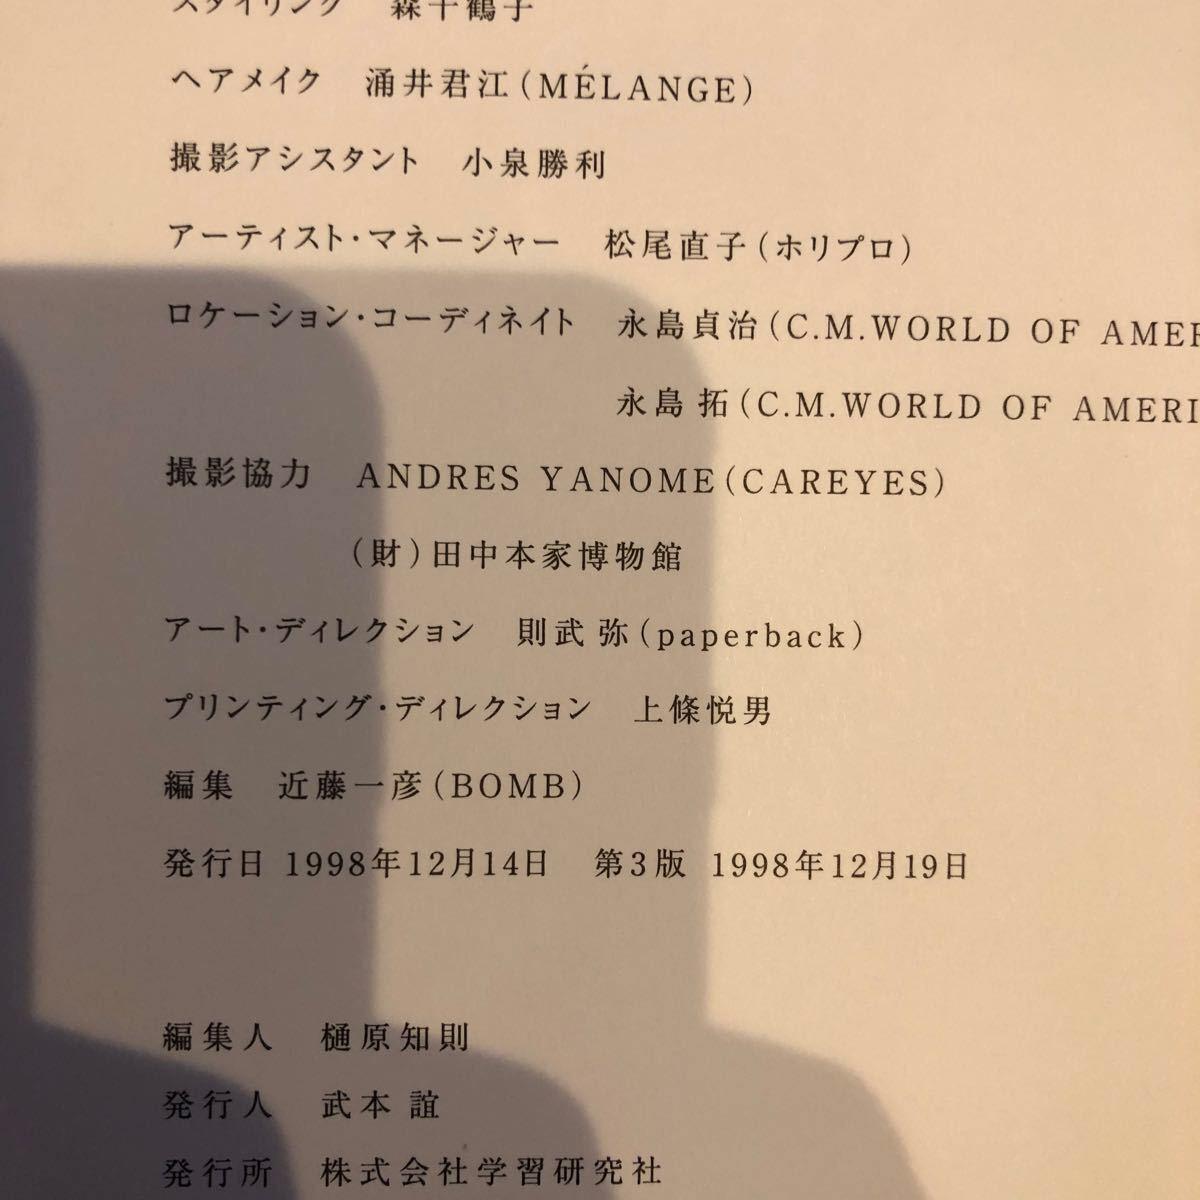 深田恭子写真集The Moment of Passion F1SCENE 2009 vol.1 A WHOLE NEW WORLD